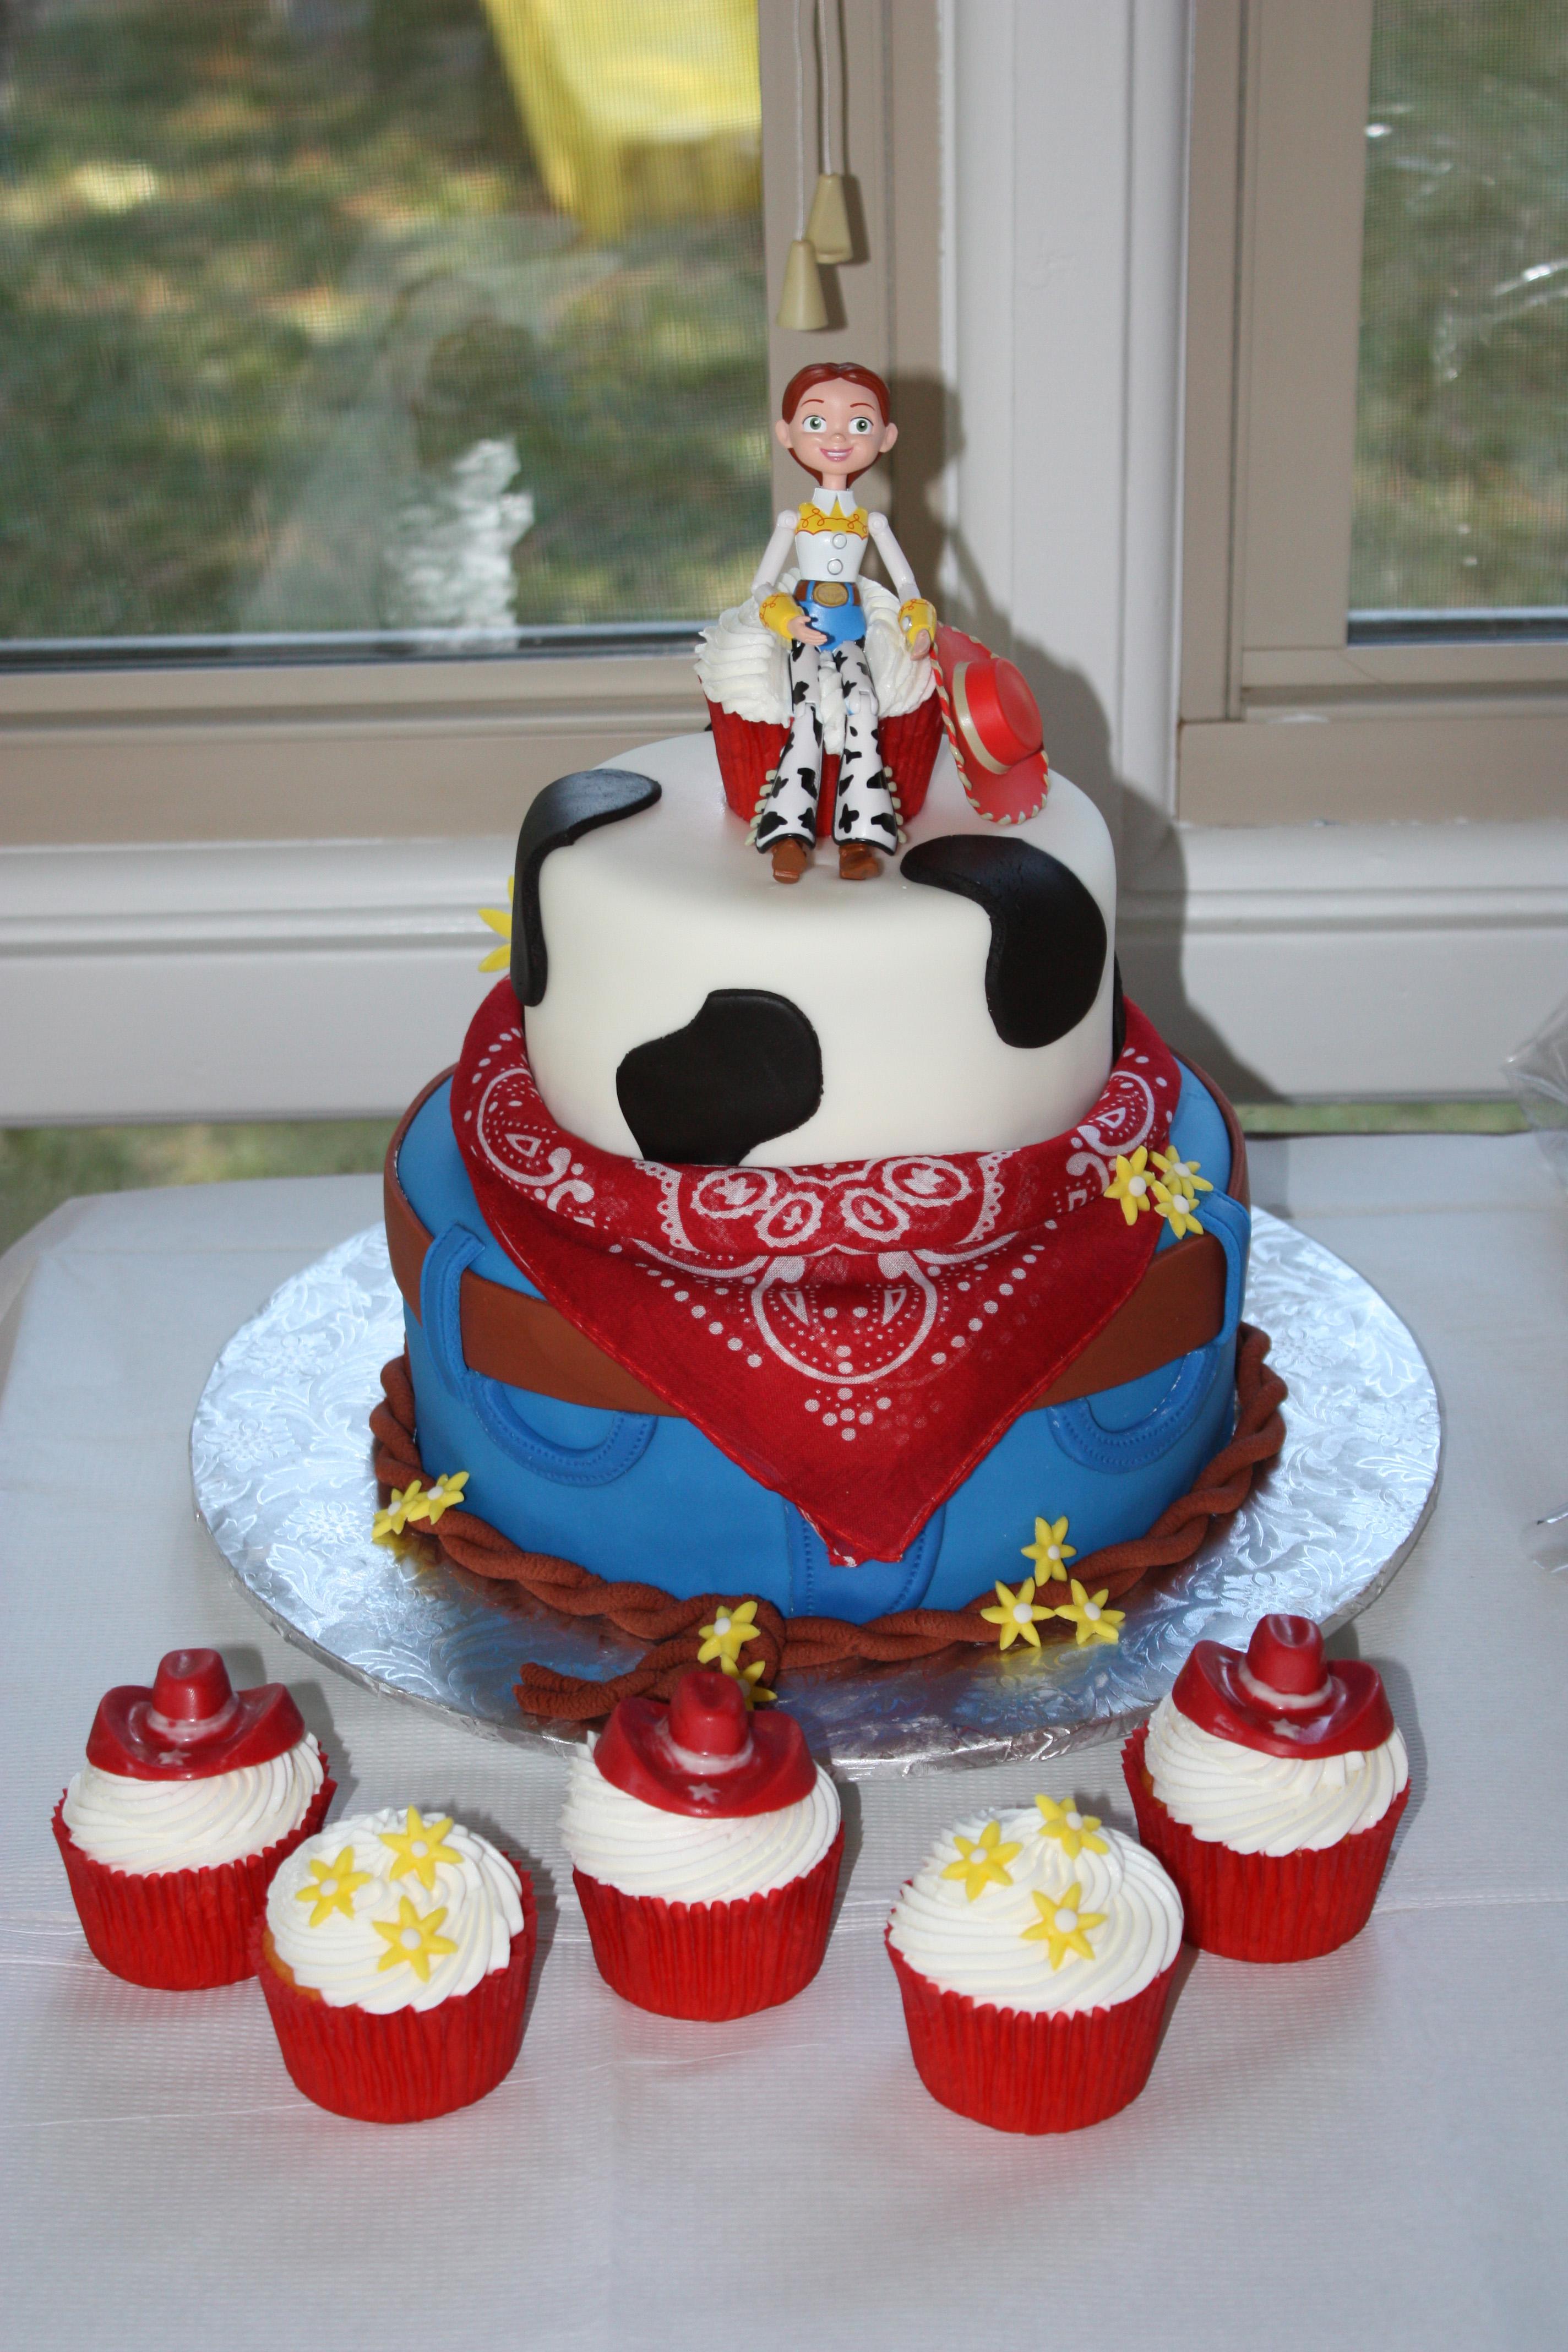 Cake Disney Jessie Party Wwwtollebildcom